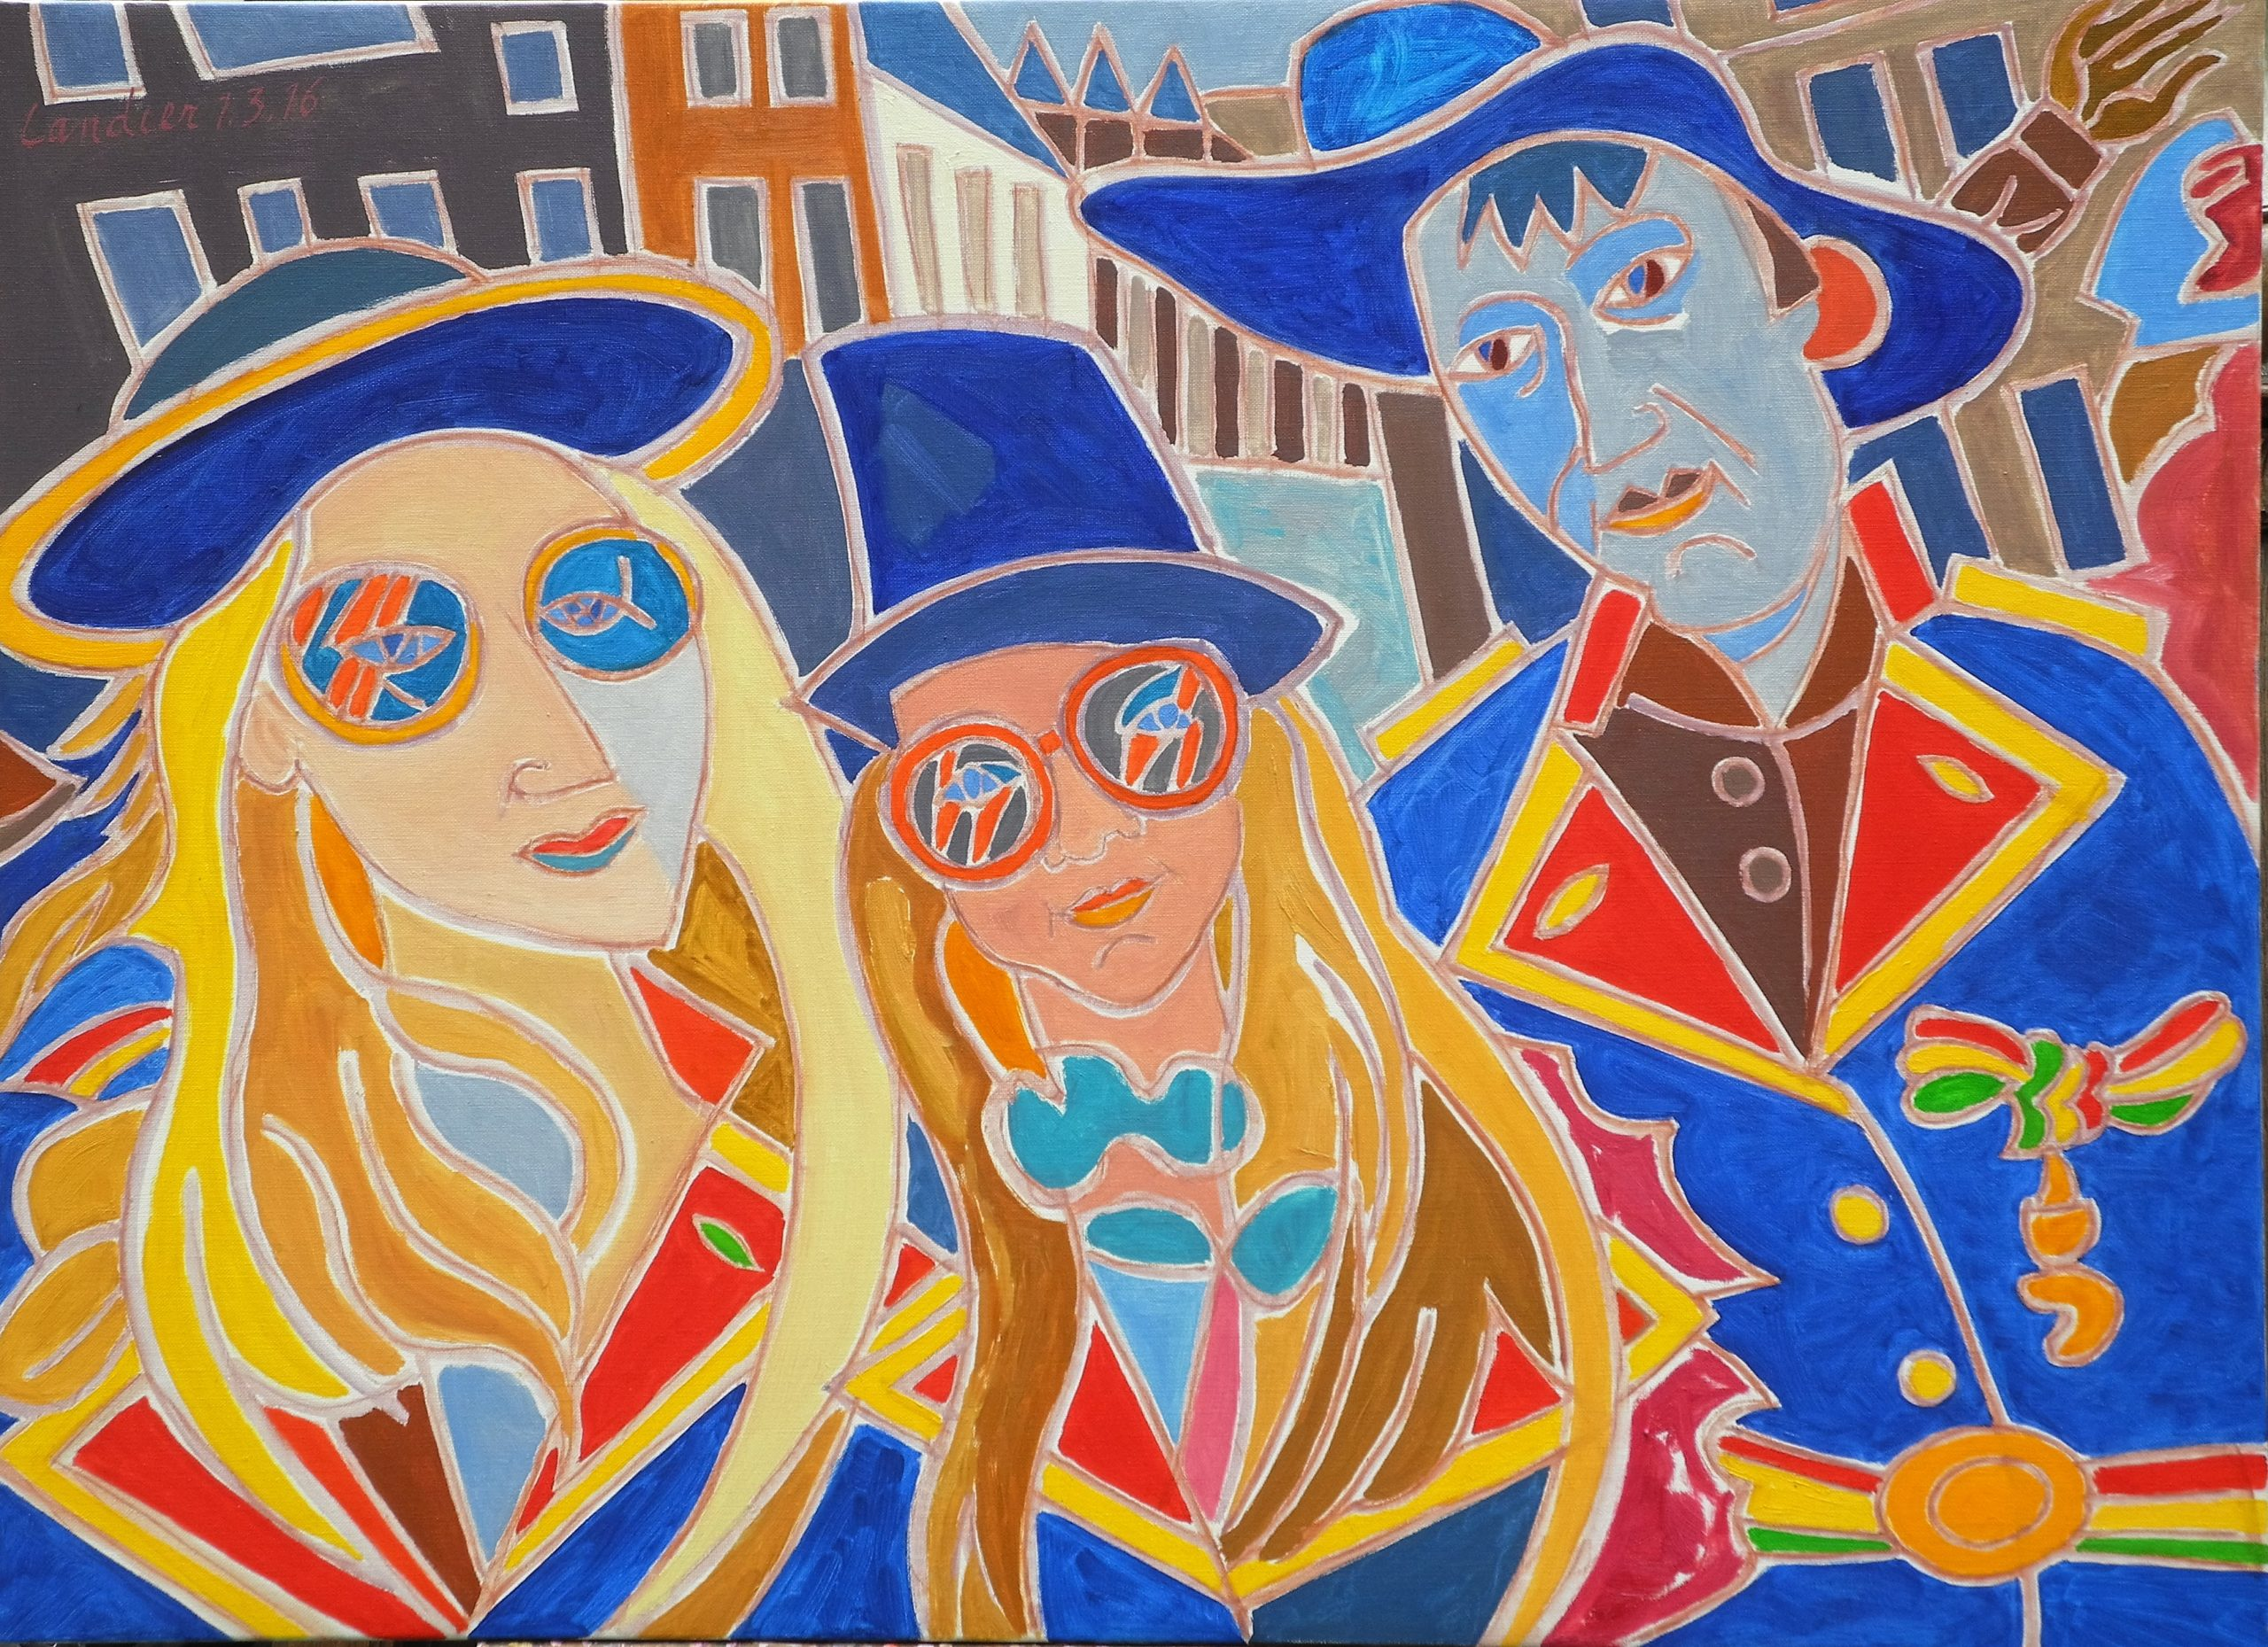 Mes petits-enfants au carnaval de Maastricht Peinture de Henri LANDIER 2016 73x100 cm Prix : 15 000 €